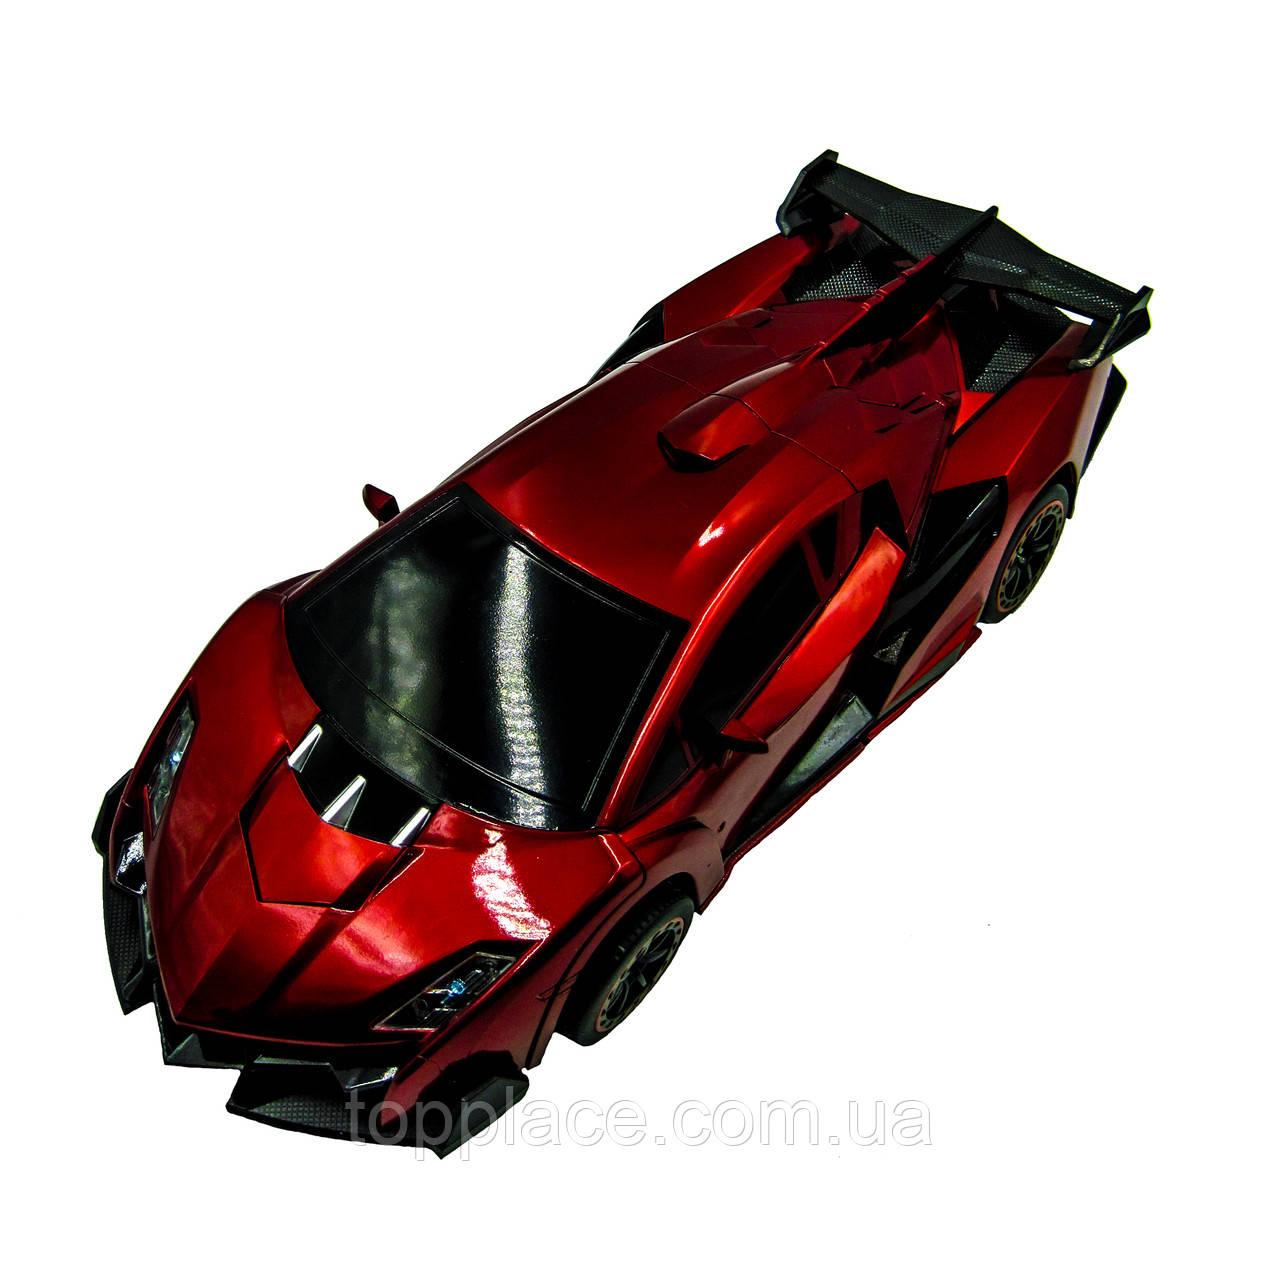 Радиоуправляемая машина-трансформер Jia Qi Troopers Ferrari Veneno 1:14 Красный (RM101001147)